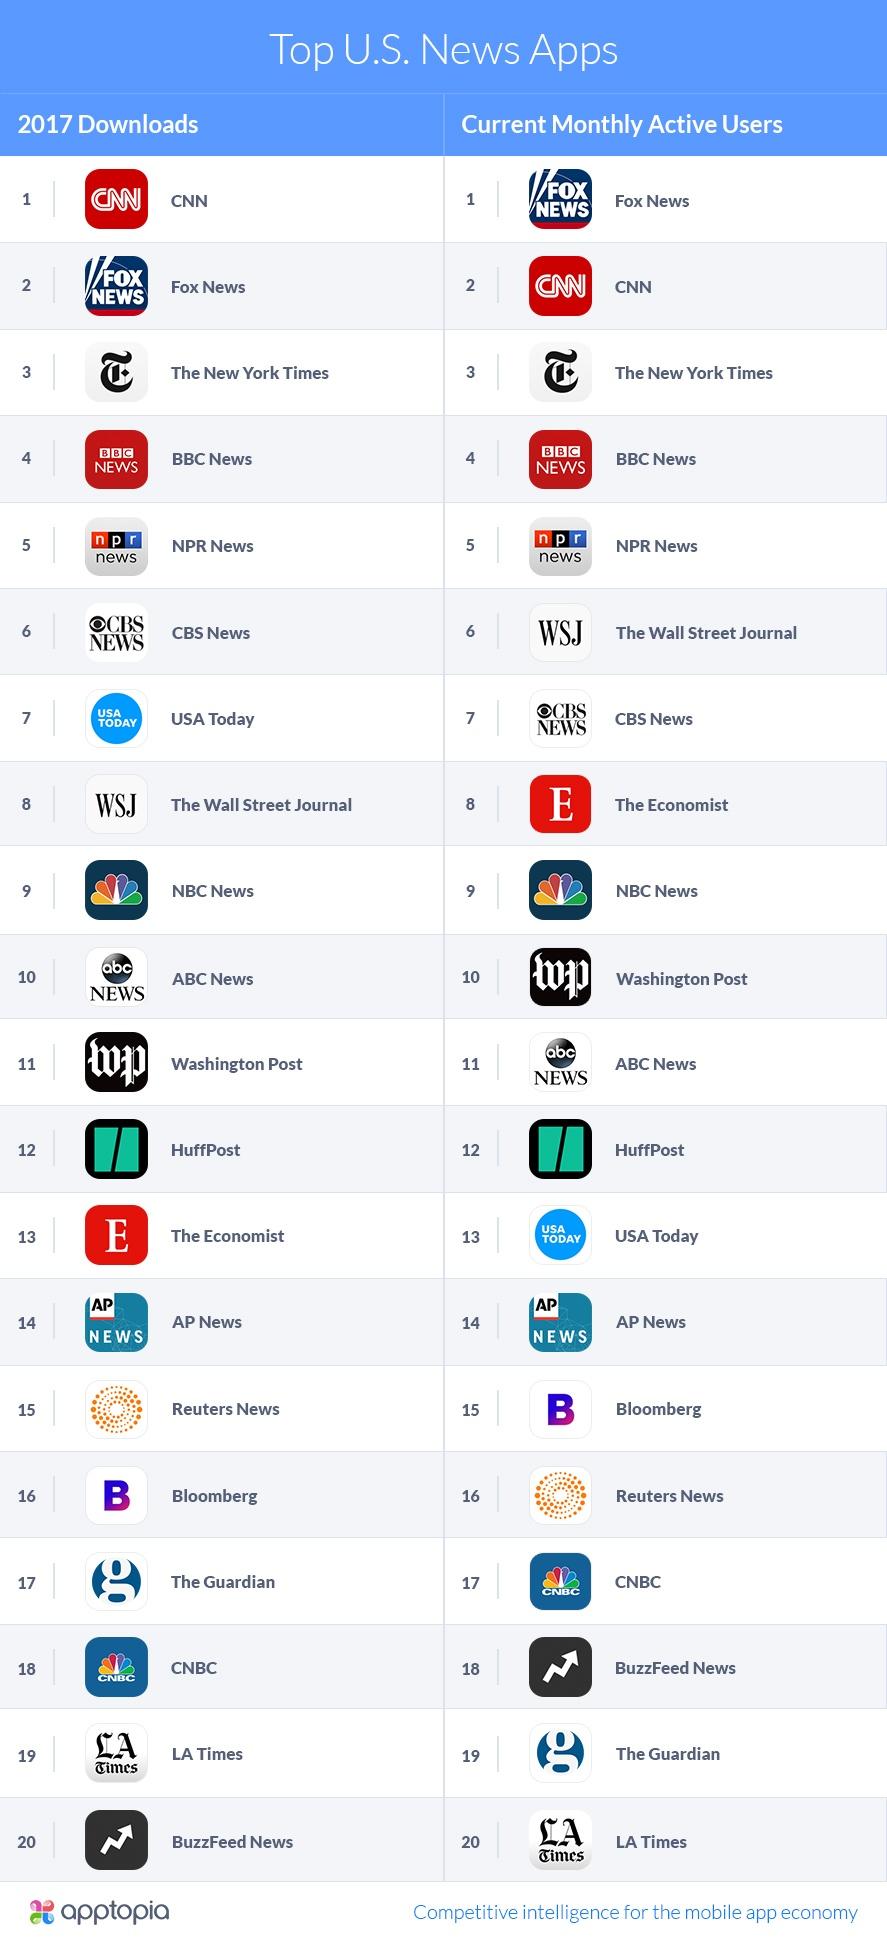 Apptopia-Top U.S. News Apps-v2.jpg